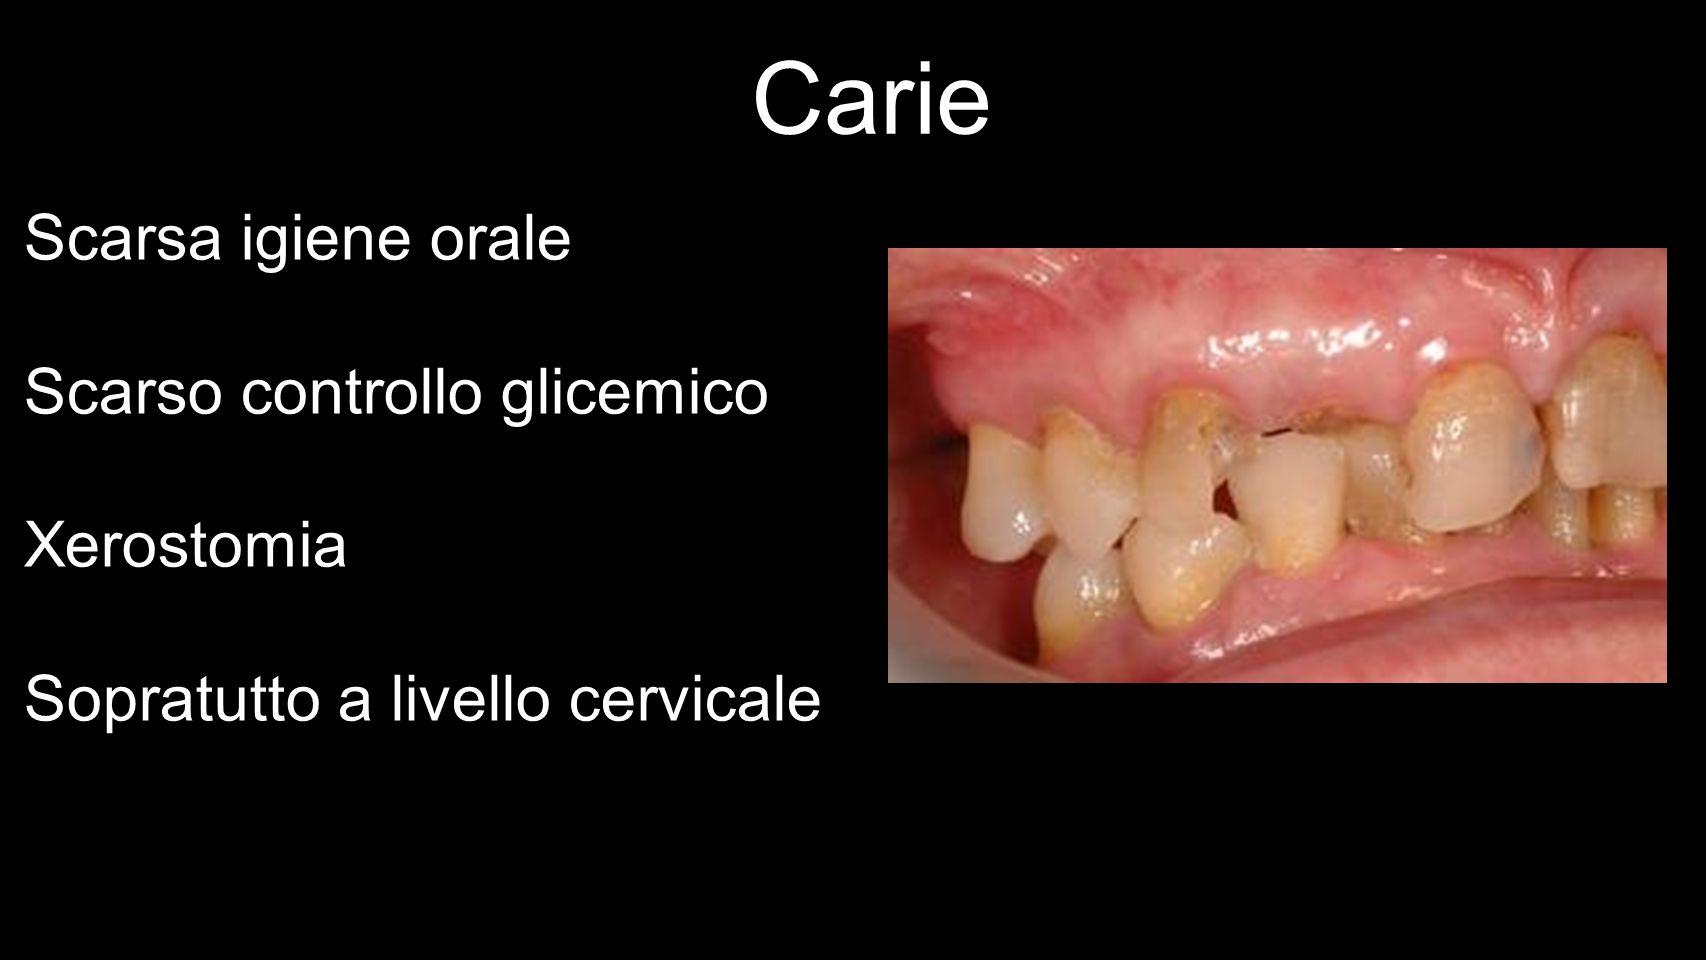 Carie Scarsa igiene orale Scarso controllo glicemico Xerostomia